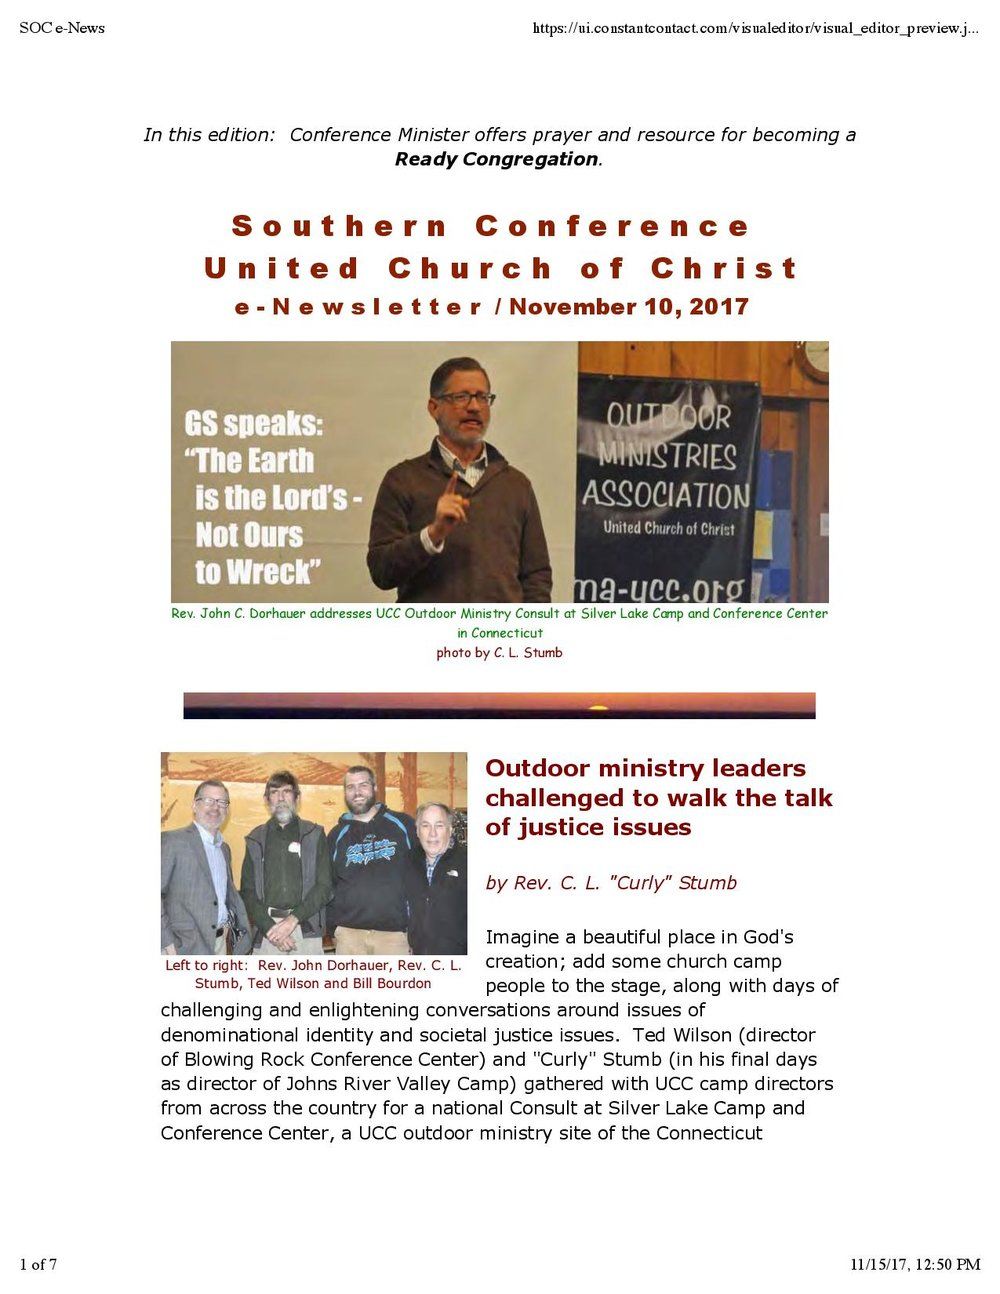 SOC e-News_11-10-17-page-001.jpg